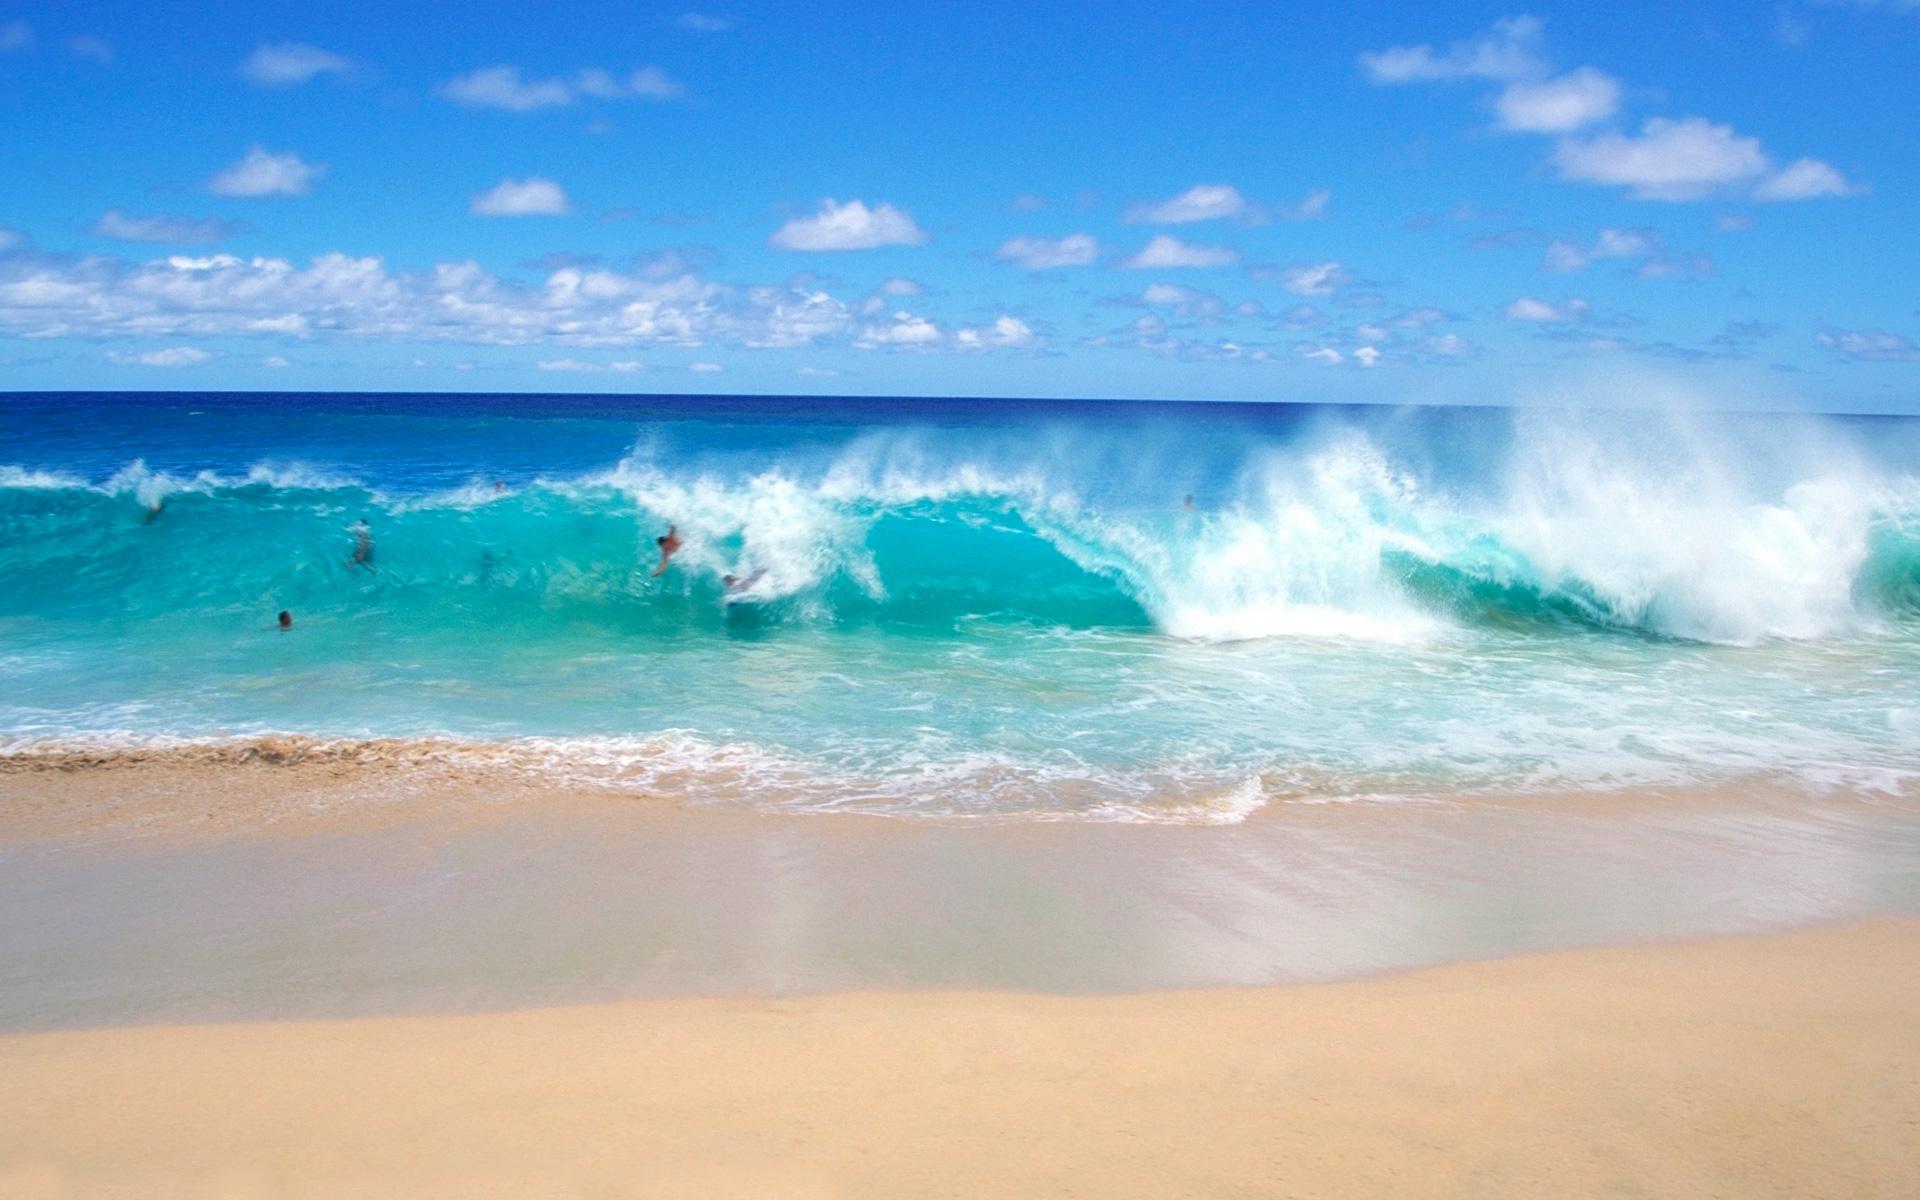 Ocean Beach Wallpaper: Ocean Waves Beach Desktop Wallpaper Spotimg 1920x1200px